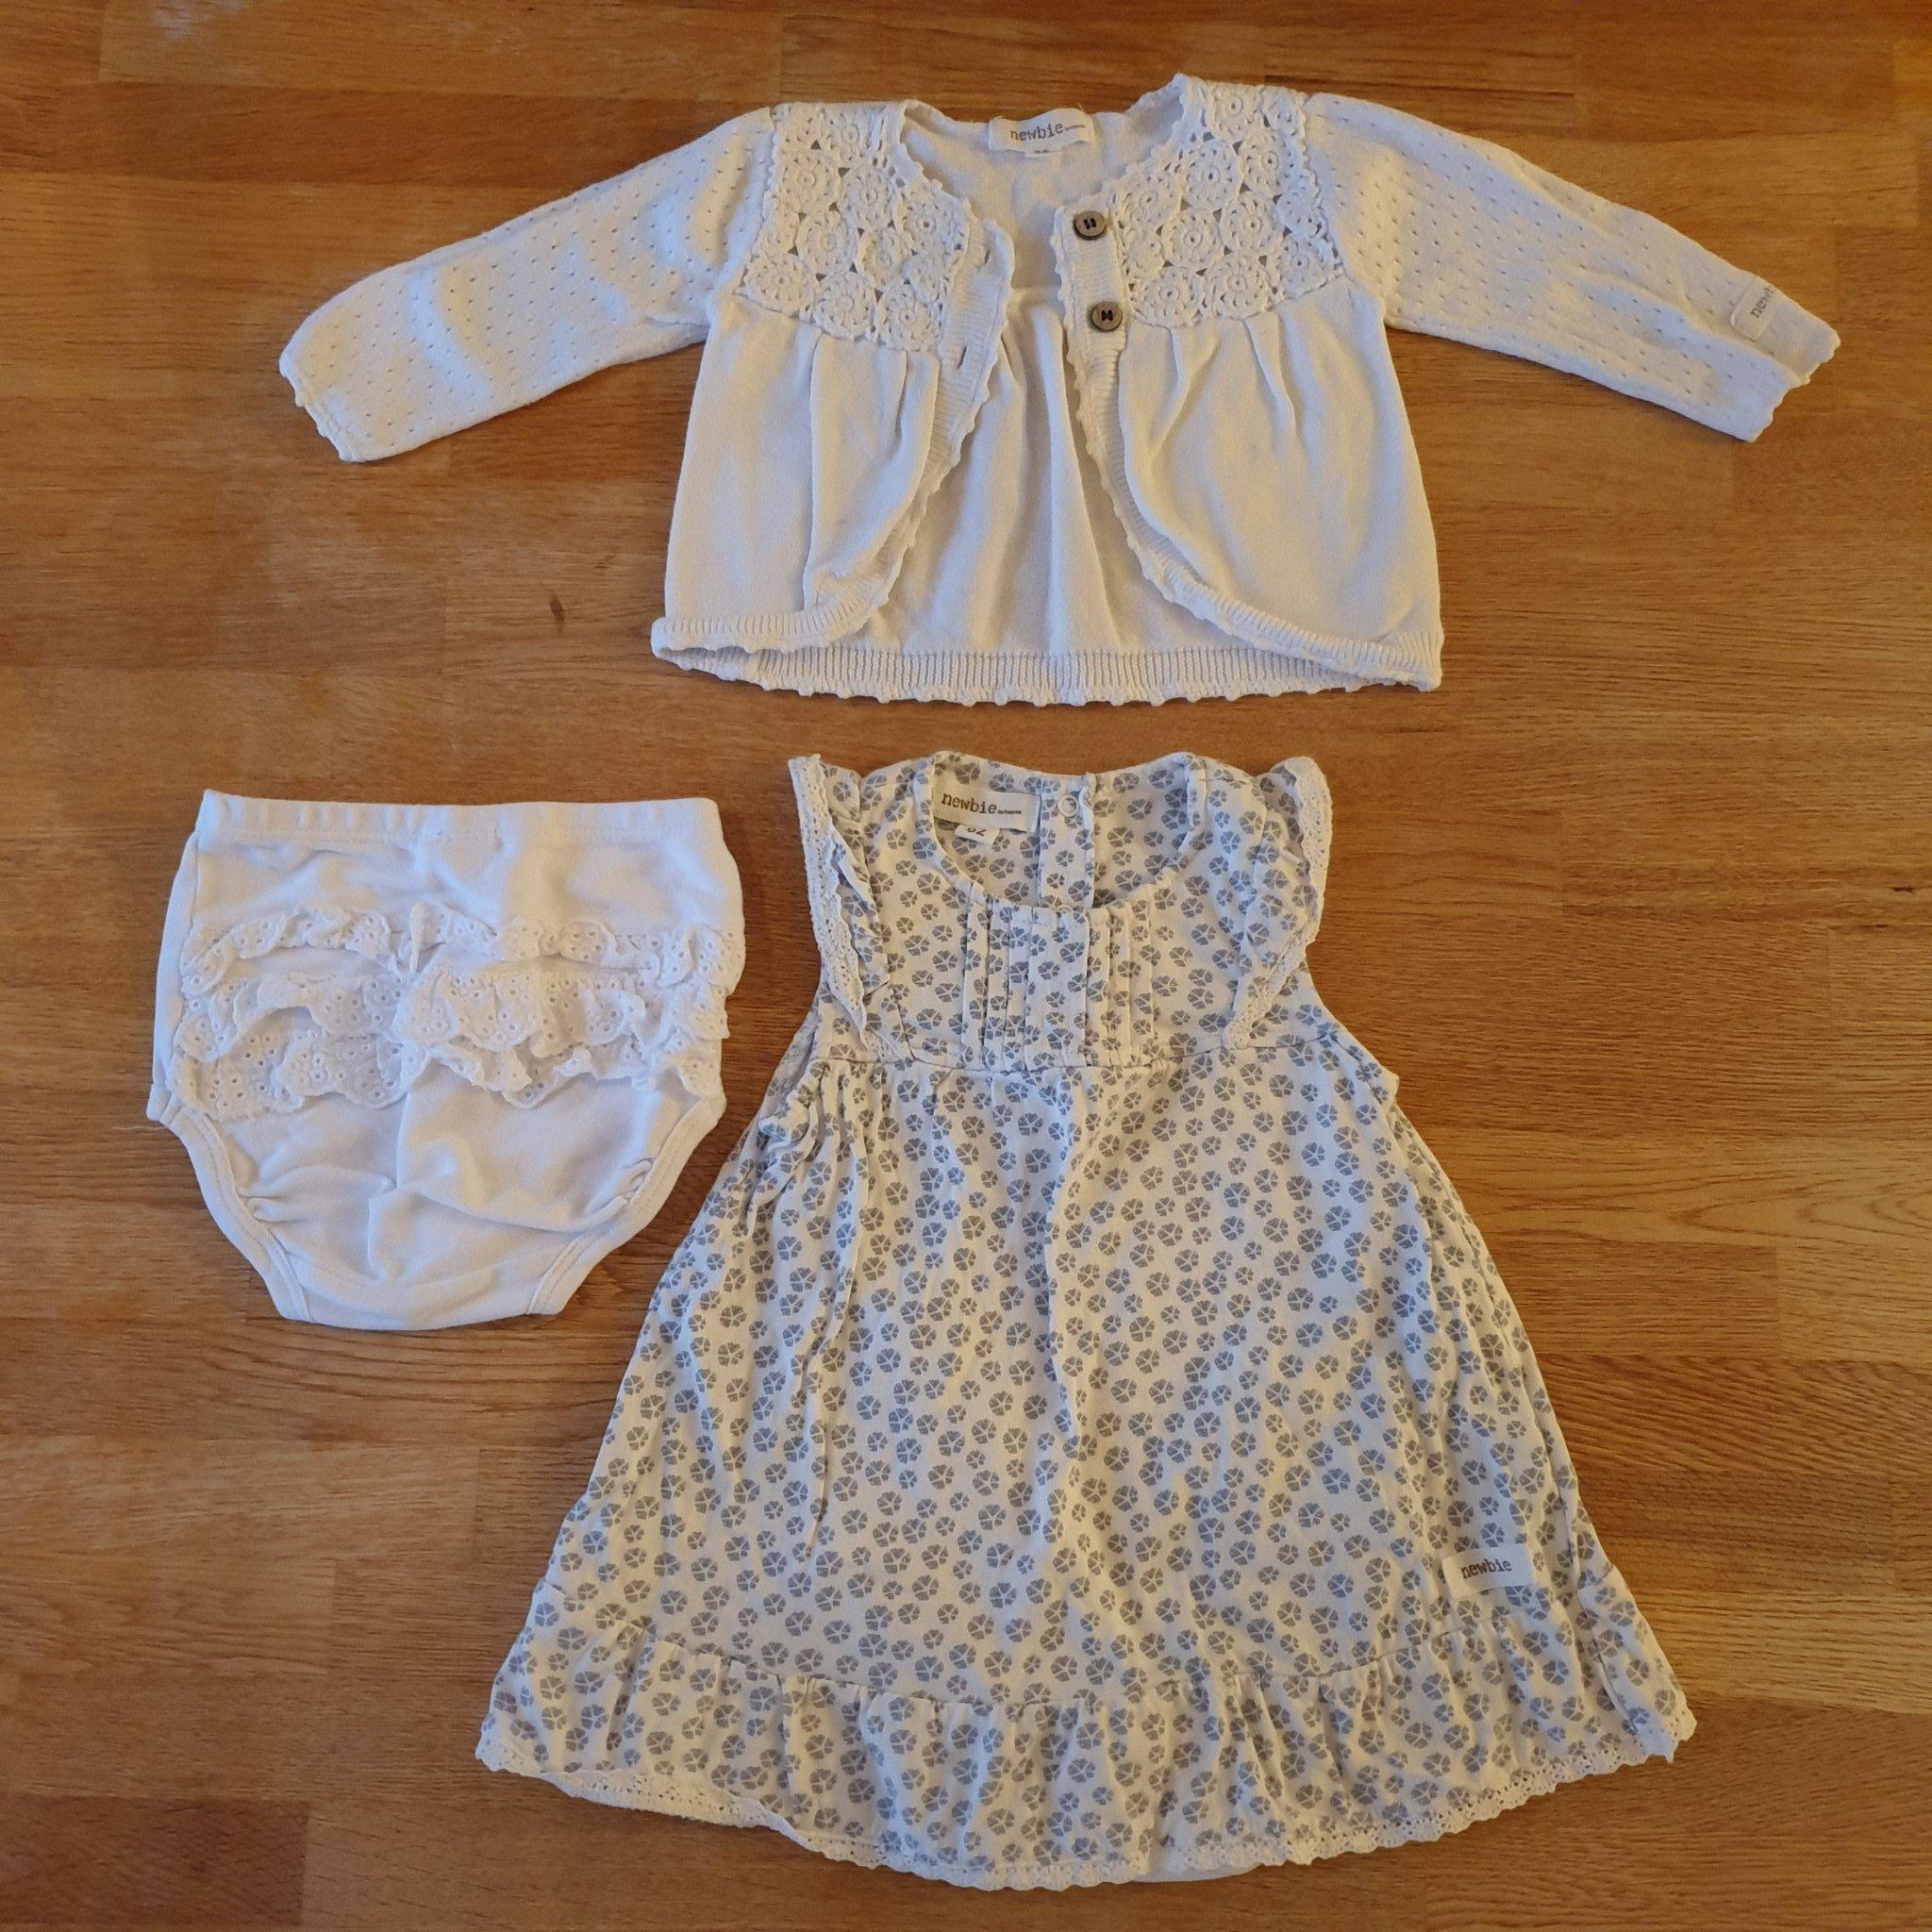 3c3b025593d7 Newbie klänning och kofta storlek 62, trosa sto.. (352948246) ᐈ Köp ...